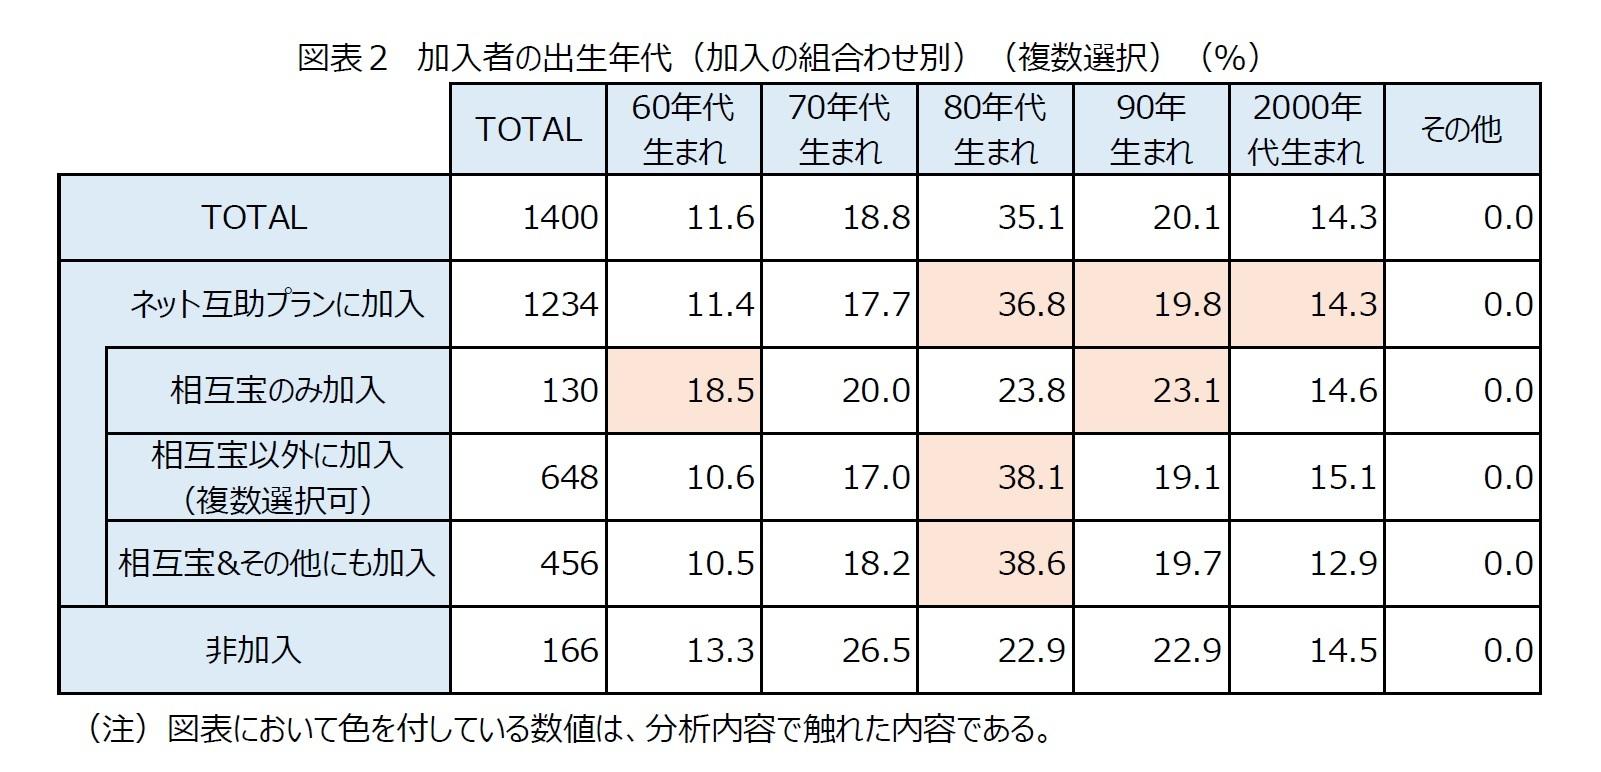 図表2 加入者の出生年代(加入の組合わせ別)(複数選択)(%)